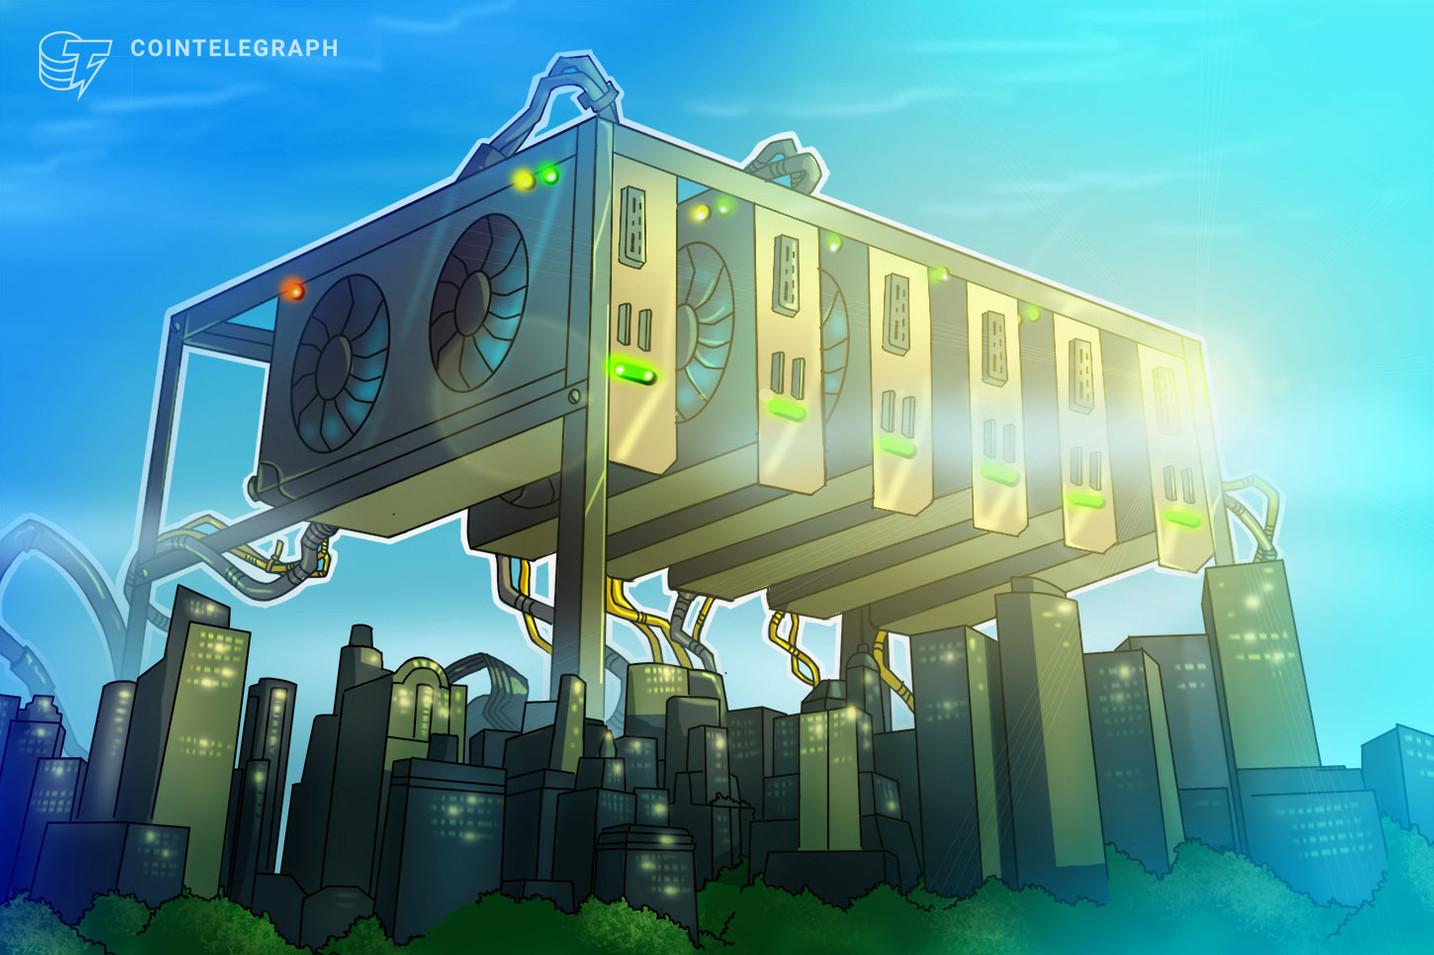 仮想通貨マイニング企業ライオット、計4000台の装置導入発表 ビットメインの最新モデル【ニュース】